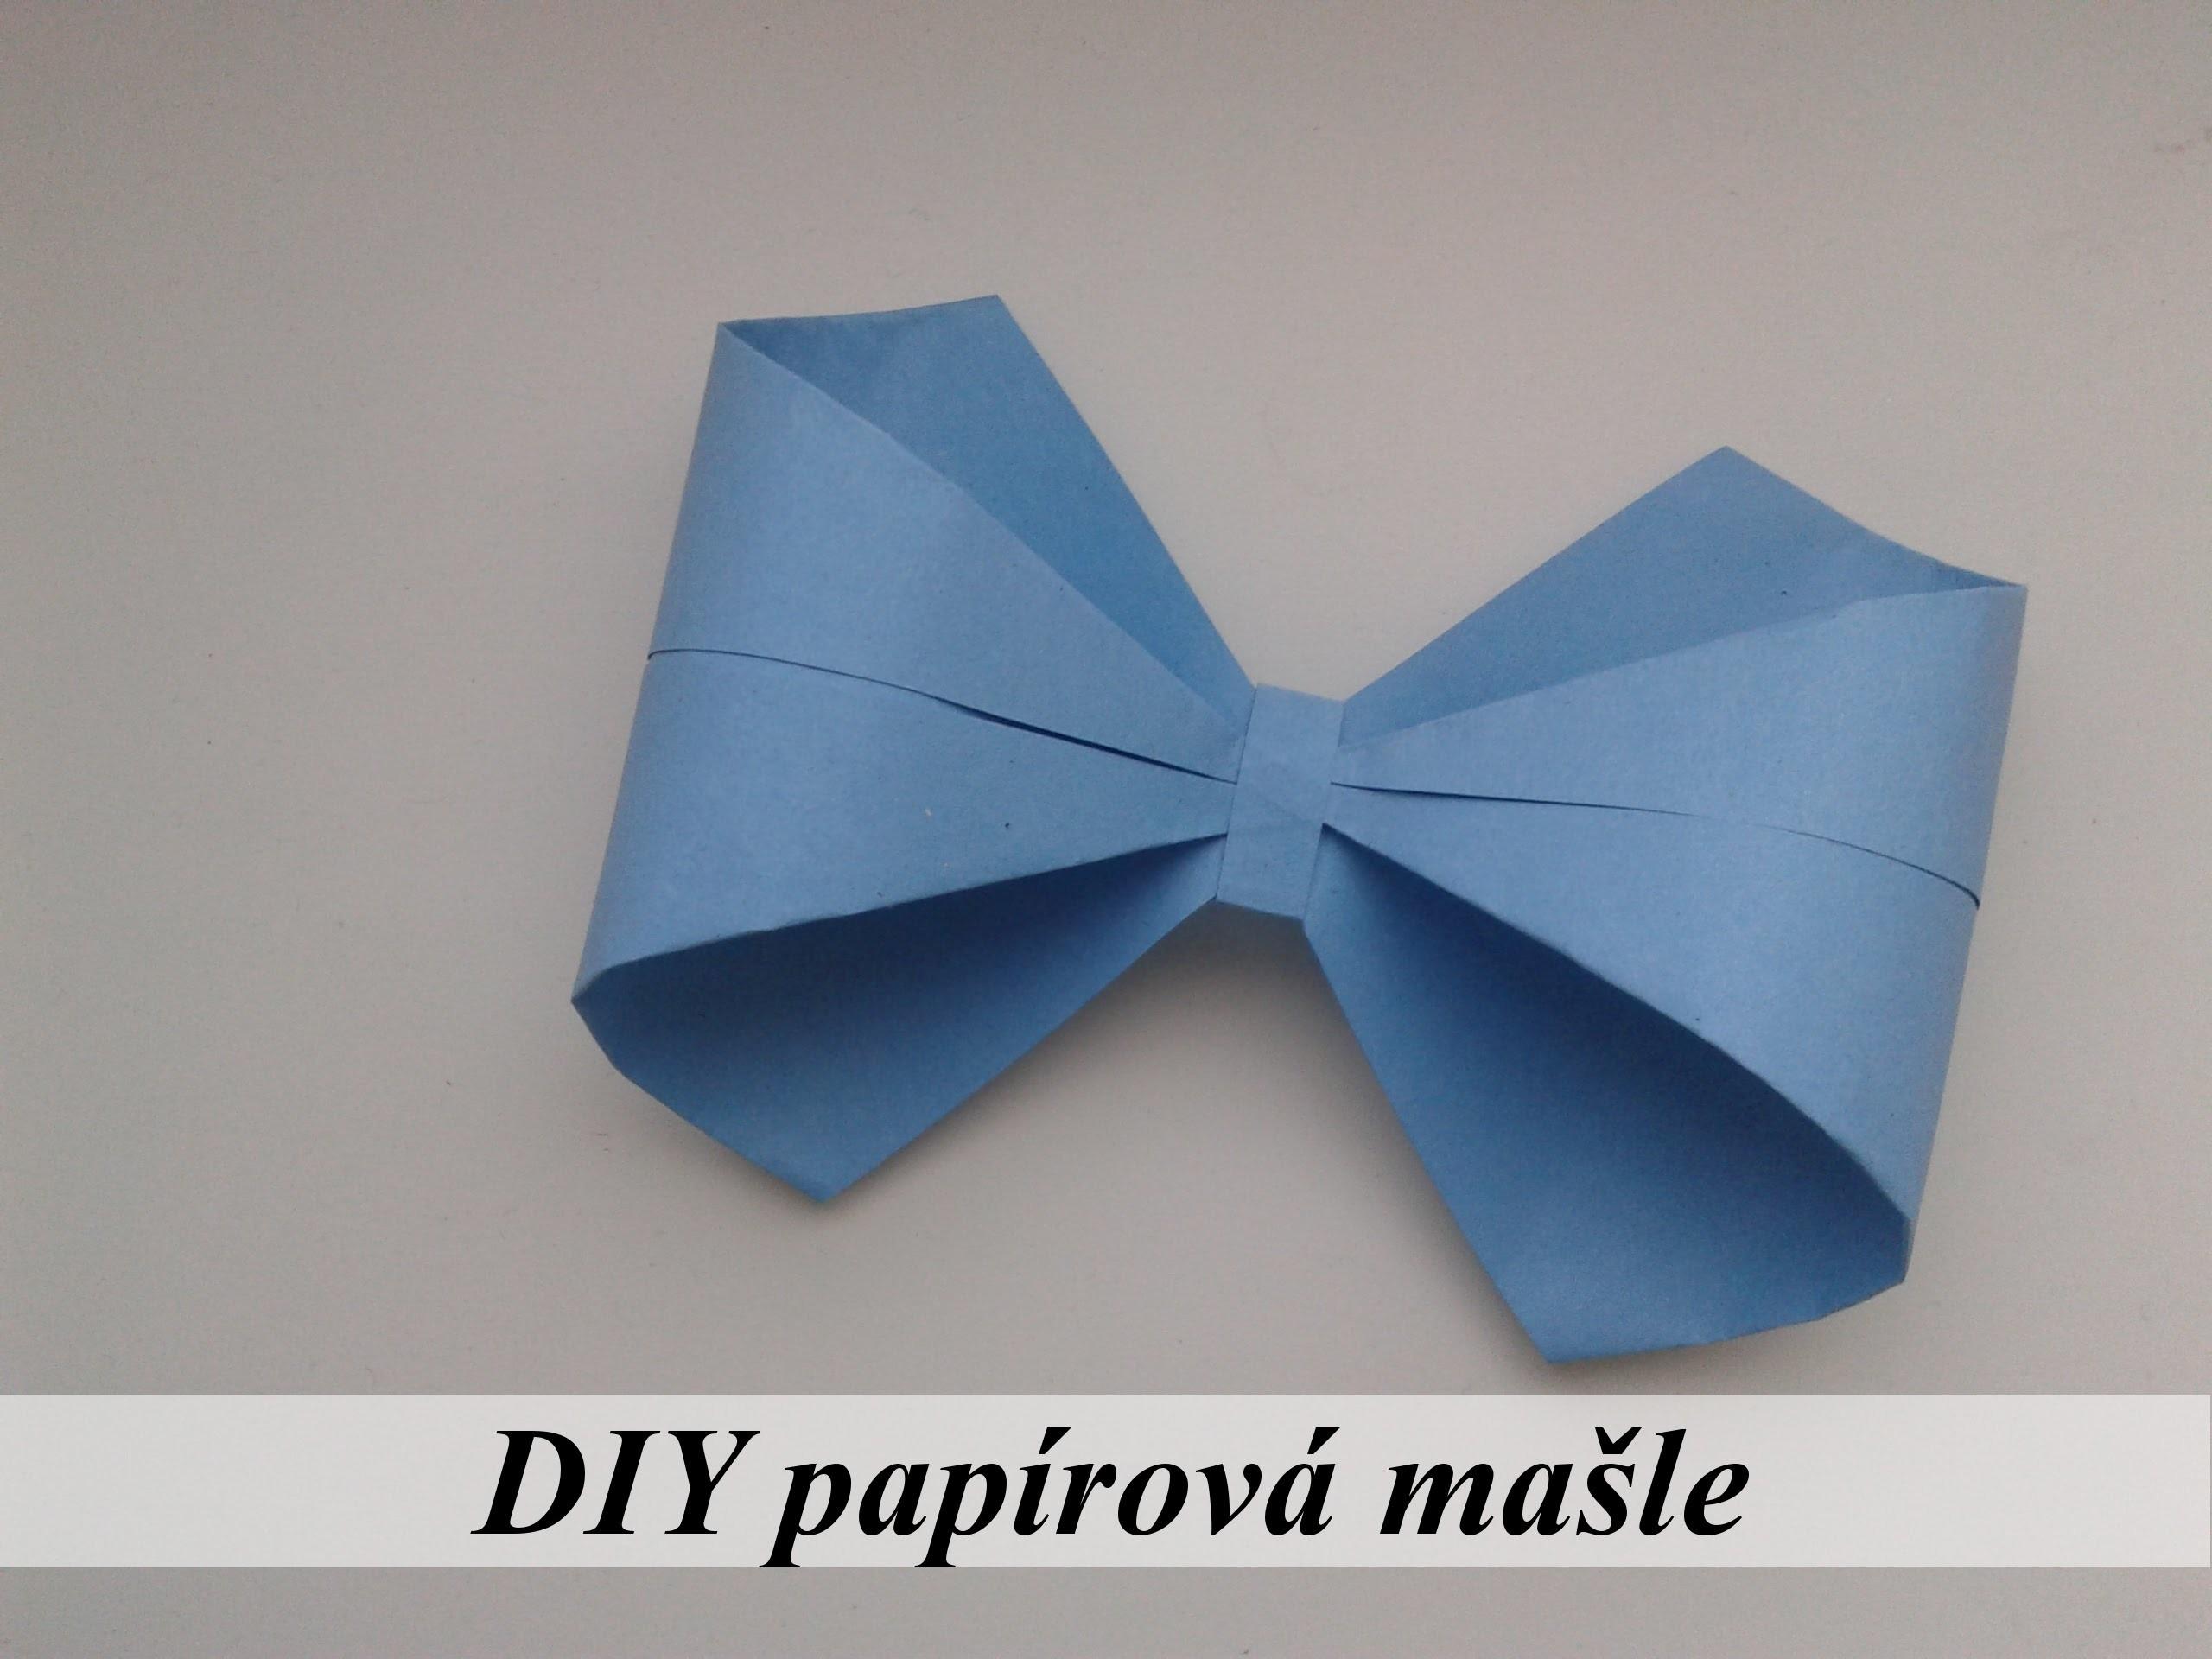 DIY papírová mašle.DIY paper bow